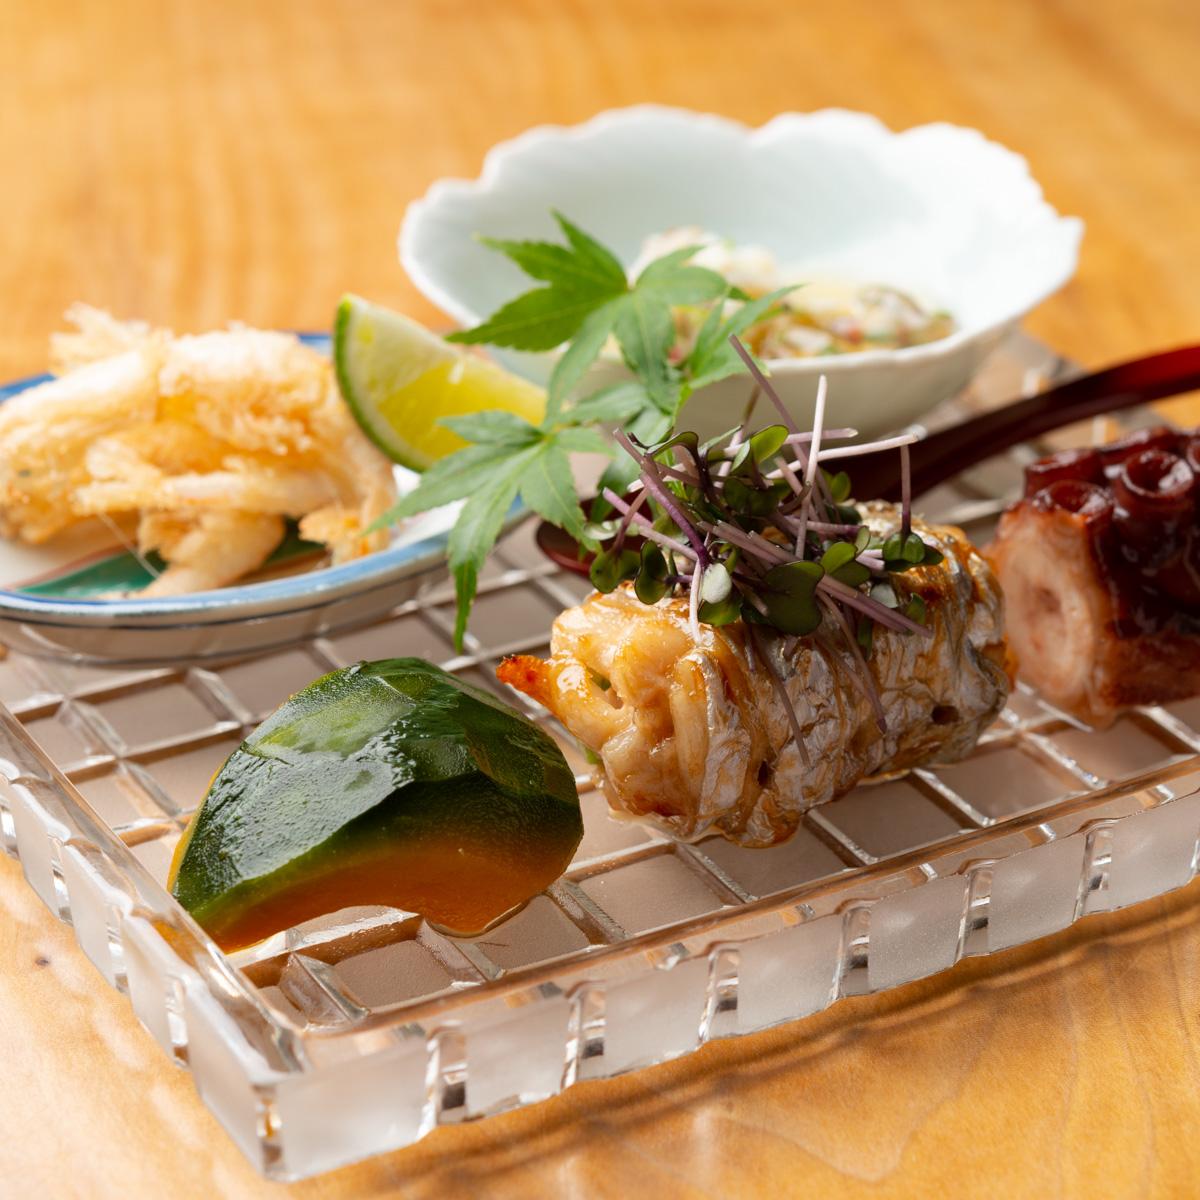 八寸|白海老の唐揚げ、渡り蟹とじゅん菜の土佐酢、坊ちゃんかぼちゃの旨煮、太刀魚のアスパラ巻き、たこのやわらか煮